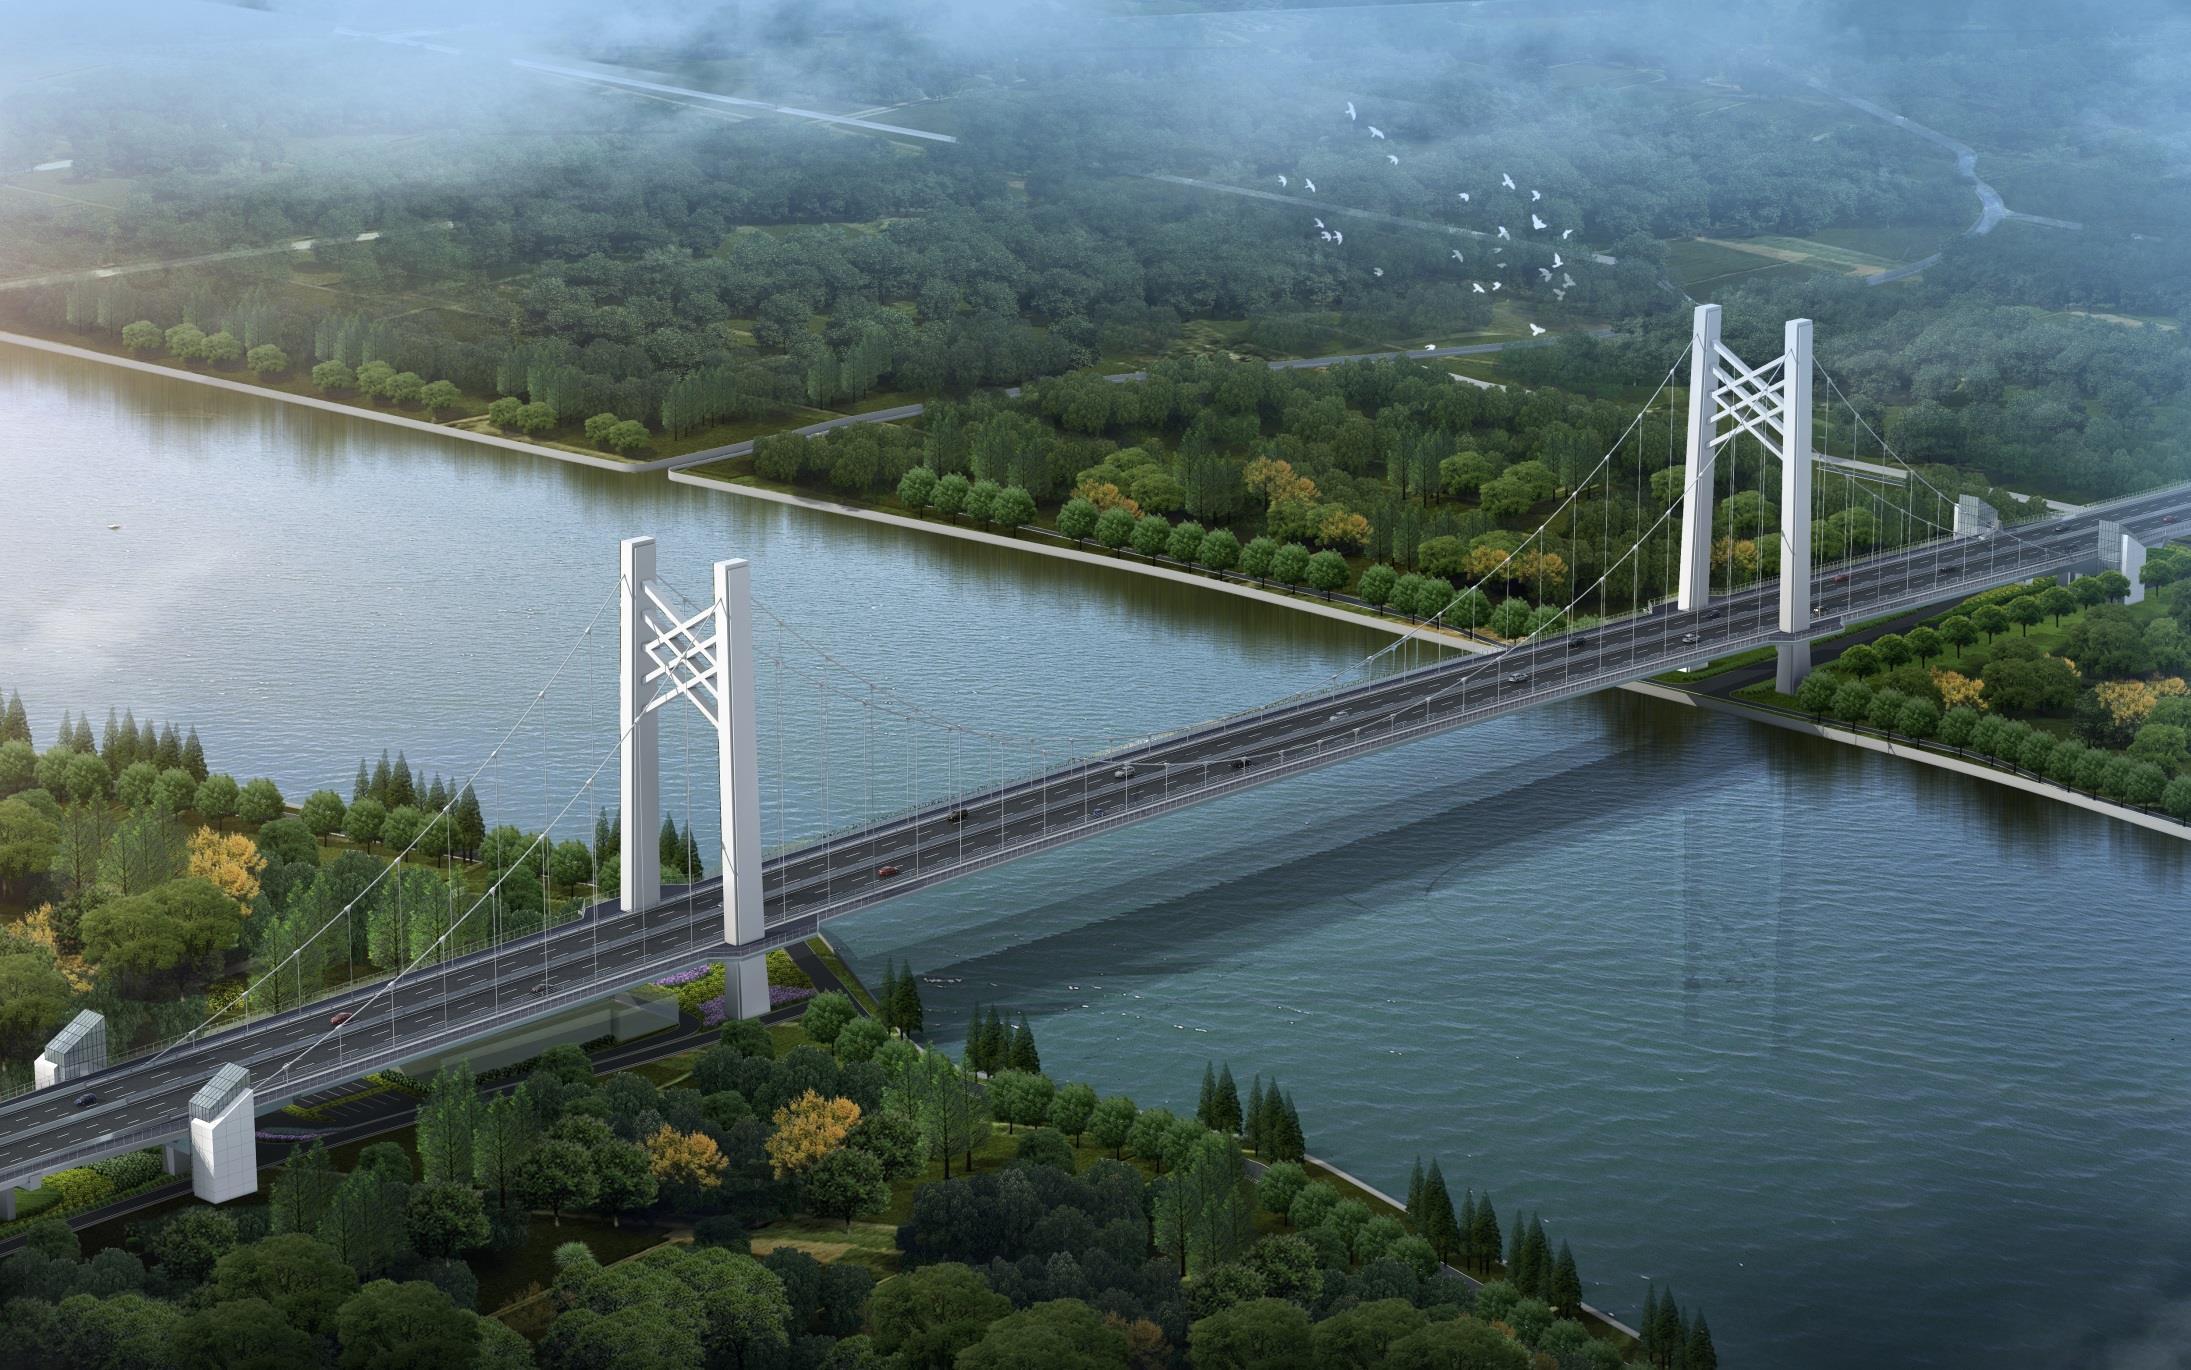 黄浦江上首座悬索桥正式开工!嘉松公路越江大桥建成后市民可直接骑行至对岸!